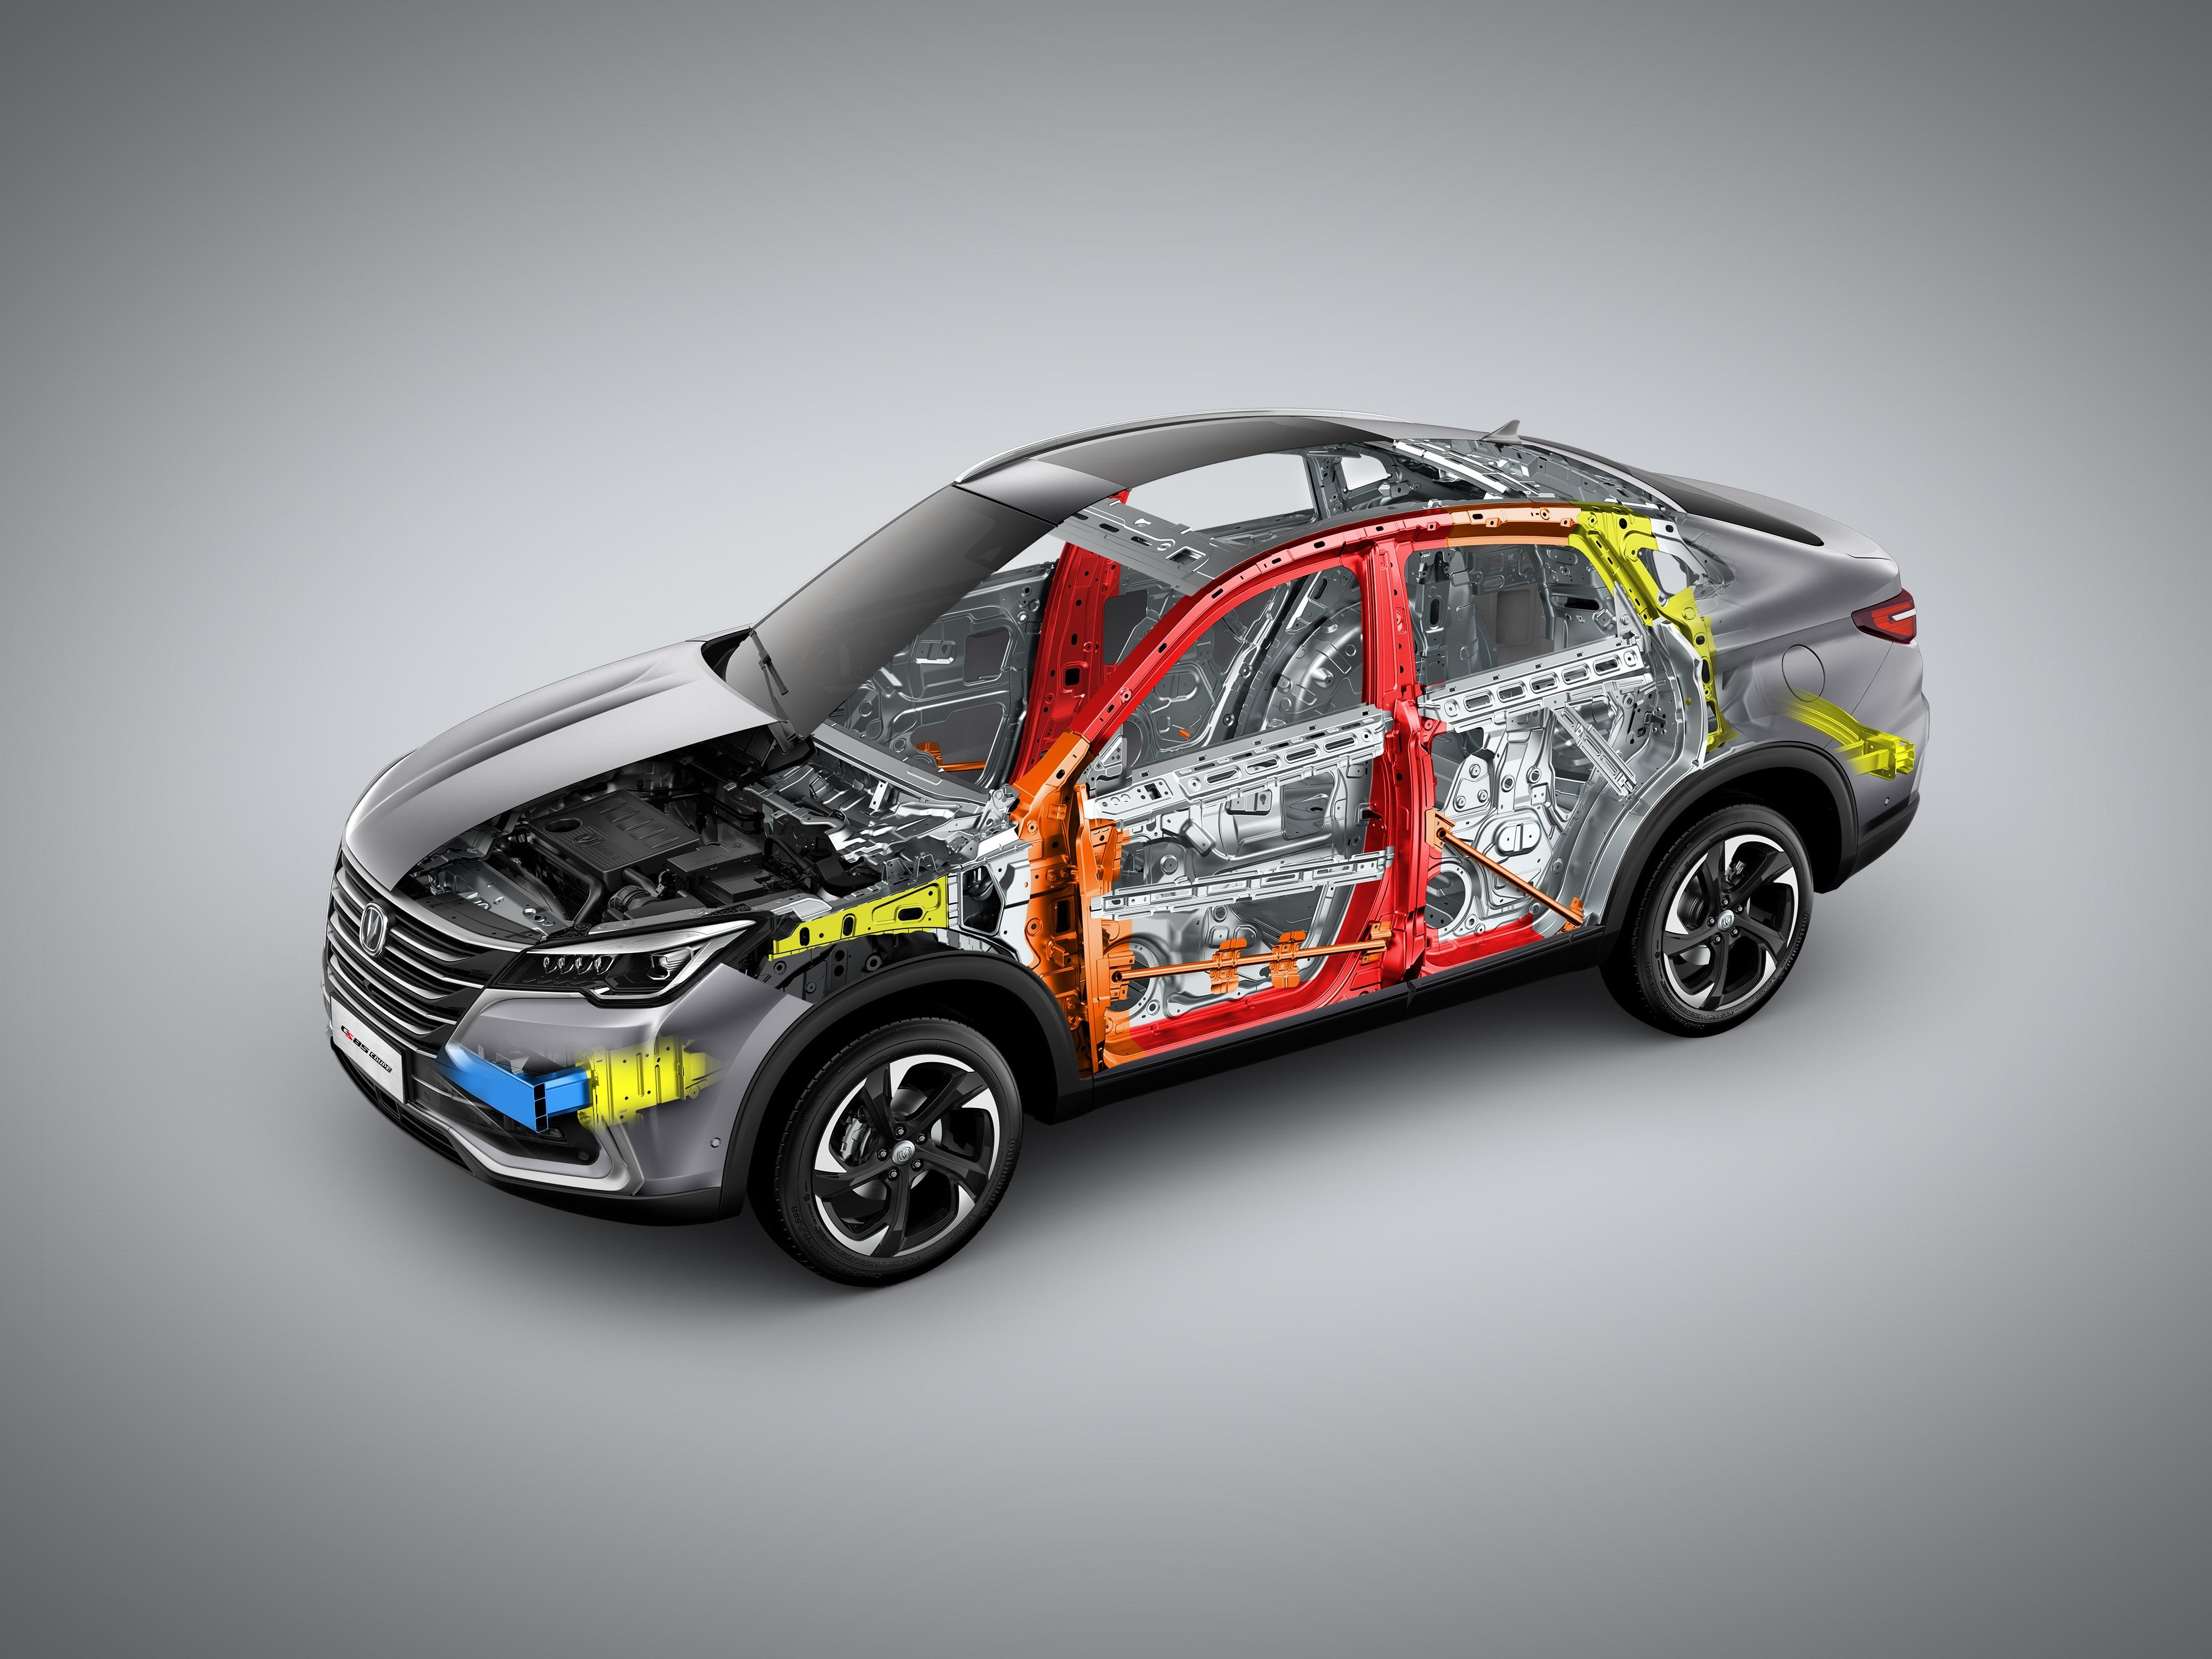 腾讯微信车载版首次公开演示 第一个又是长安汽车丨汽车产经